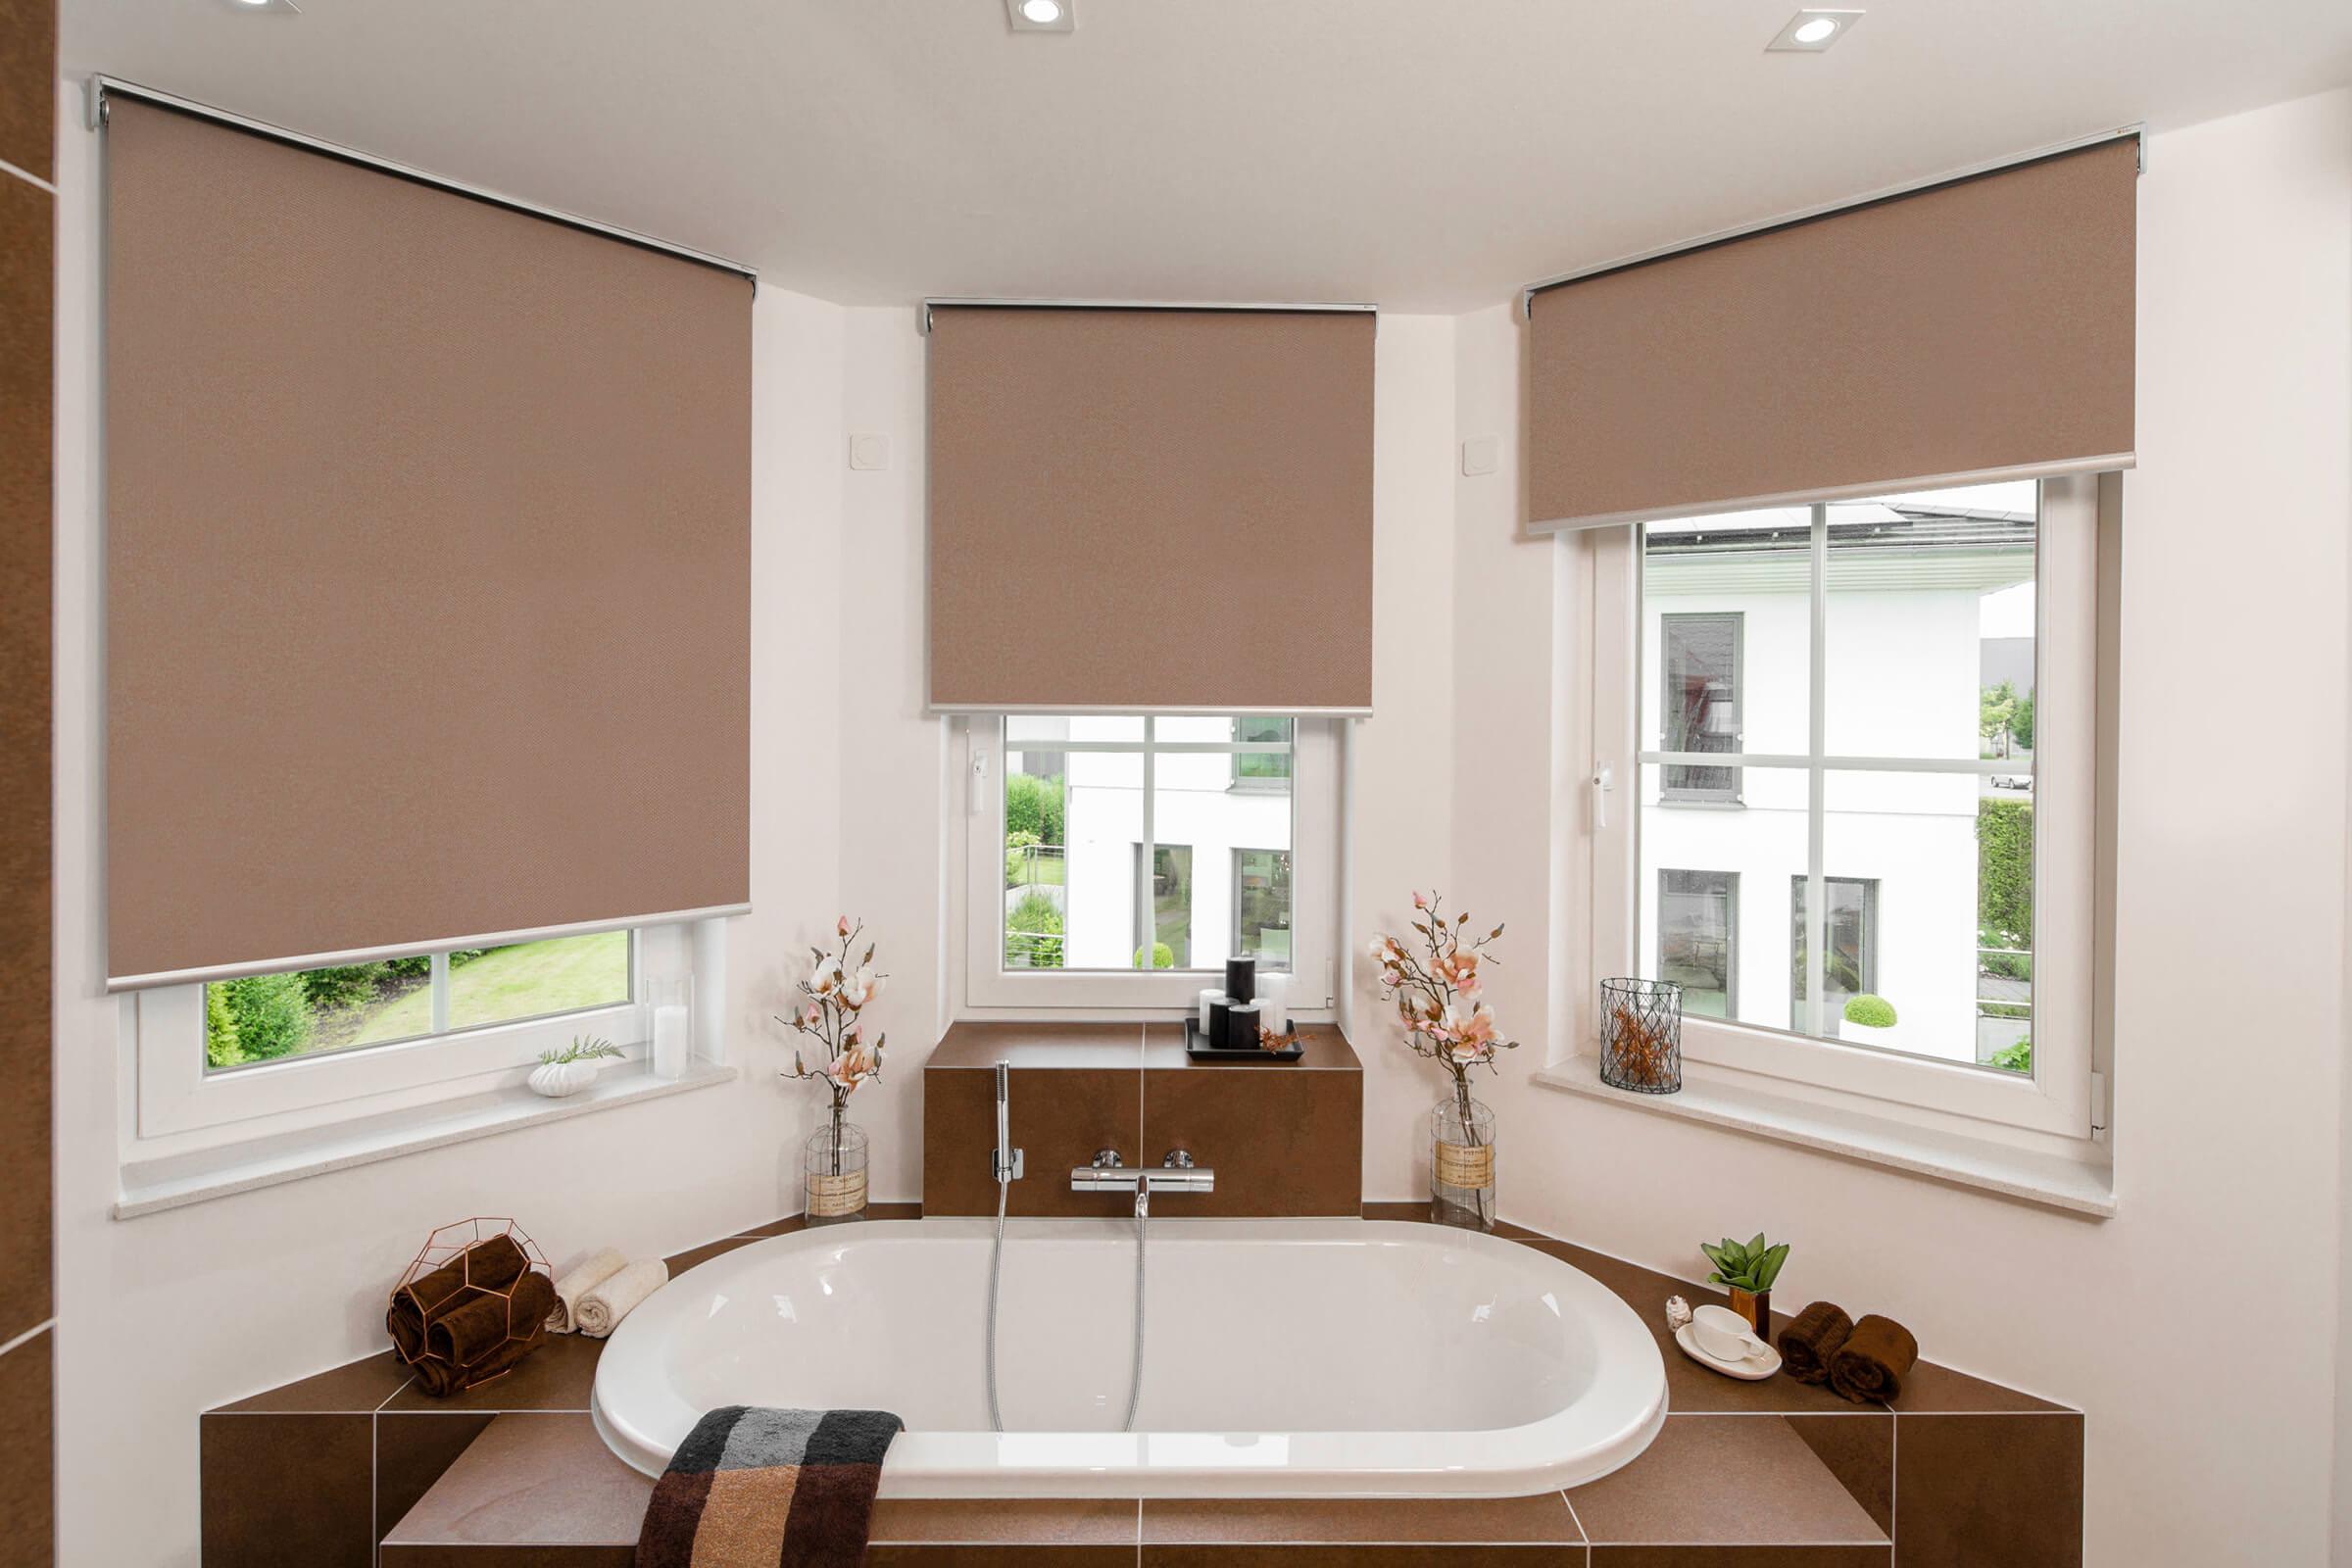 gardinen zum schieben gardinen zum schieben bei ikea sch ner wohnen gardinen zum schieben. Black Bedroom Furniture Sets. Home Design Ideas